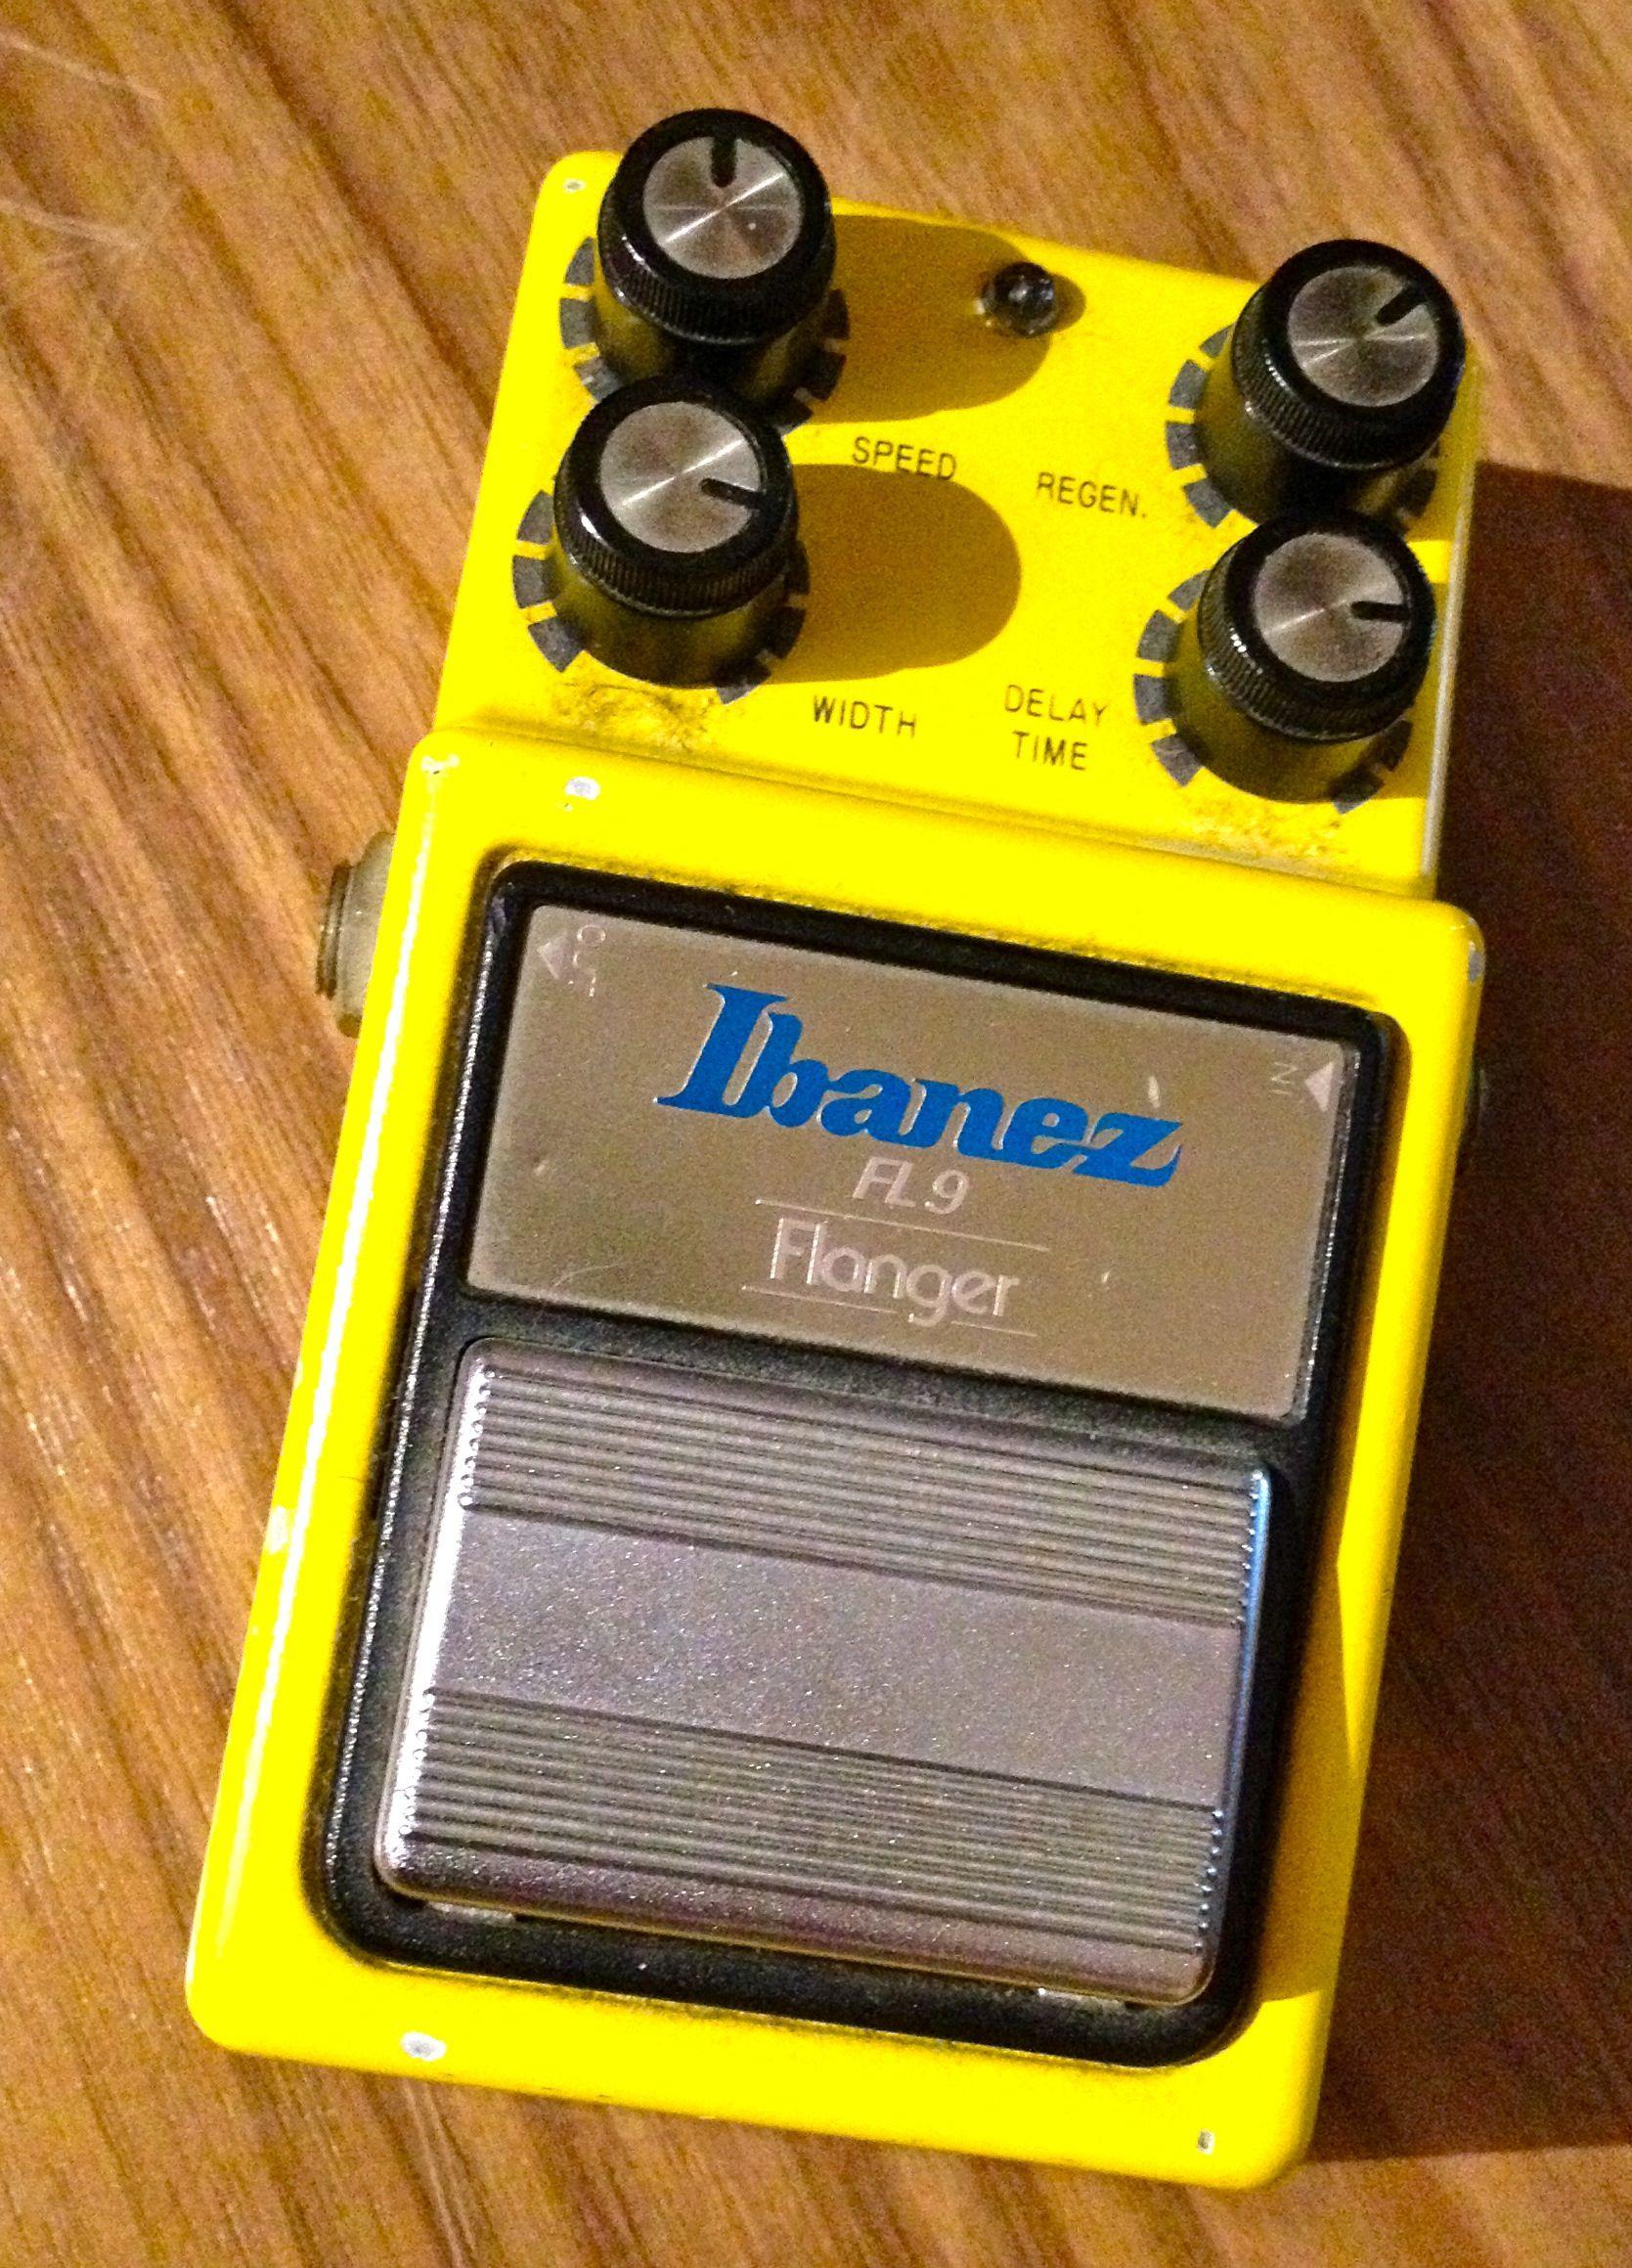 Ibanez FL9 Flanger (1980s) www.beliefspacestudio.co.uk